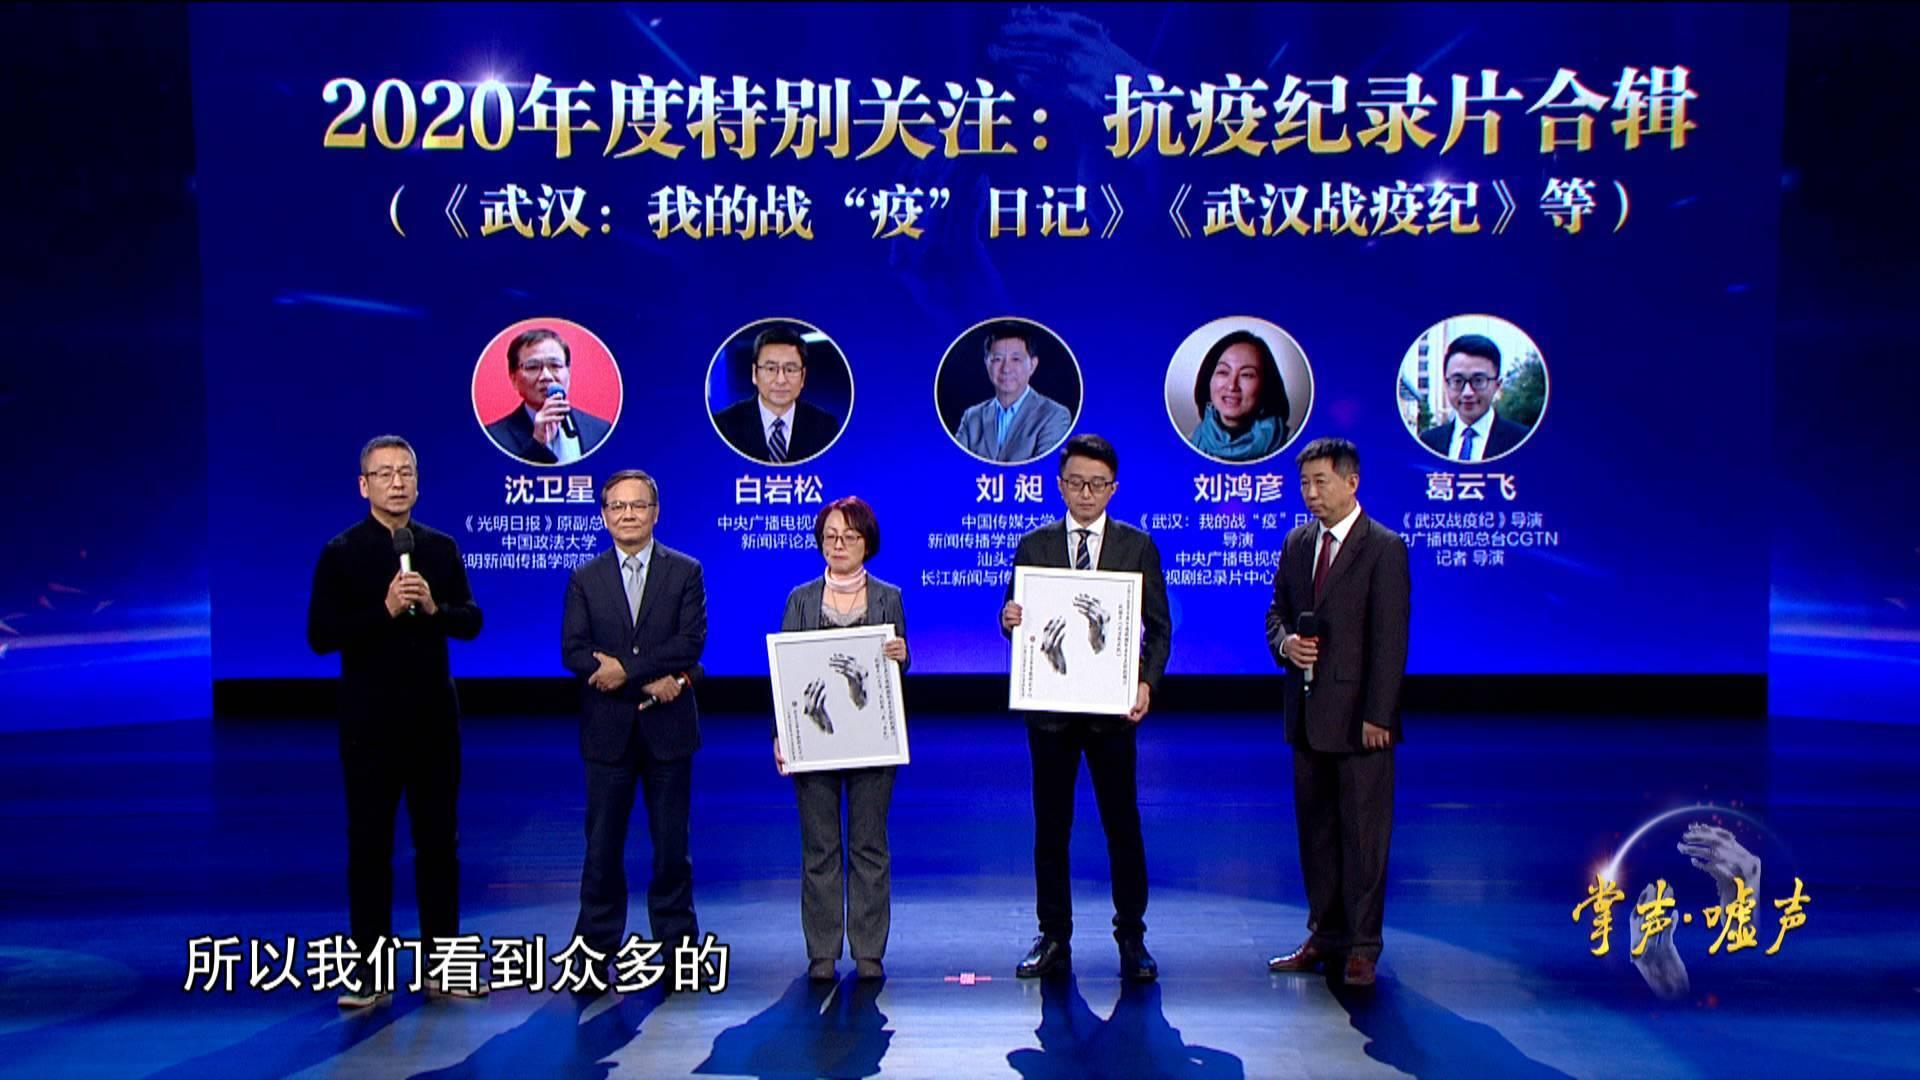 """2020中国视频节目年度""""掌声•嘘声""""丨抗疫纪录片导演代表:打破信息鸿沟 用纪录片展现真实武汉"""